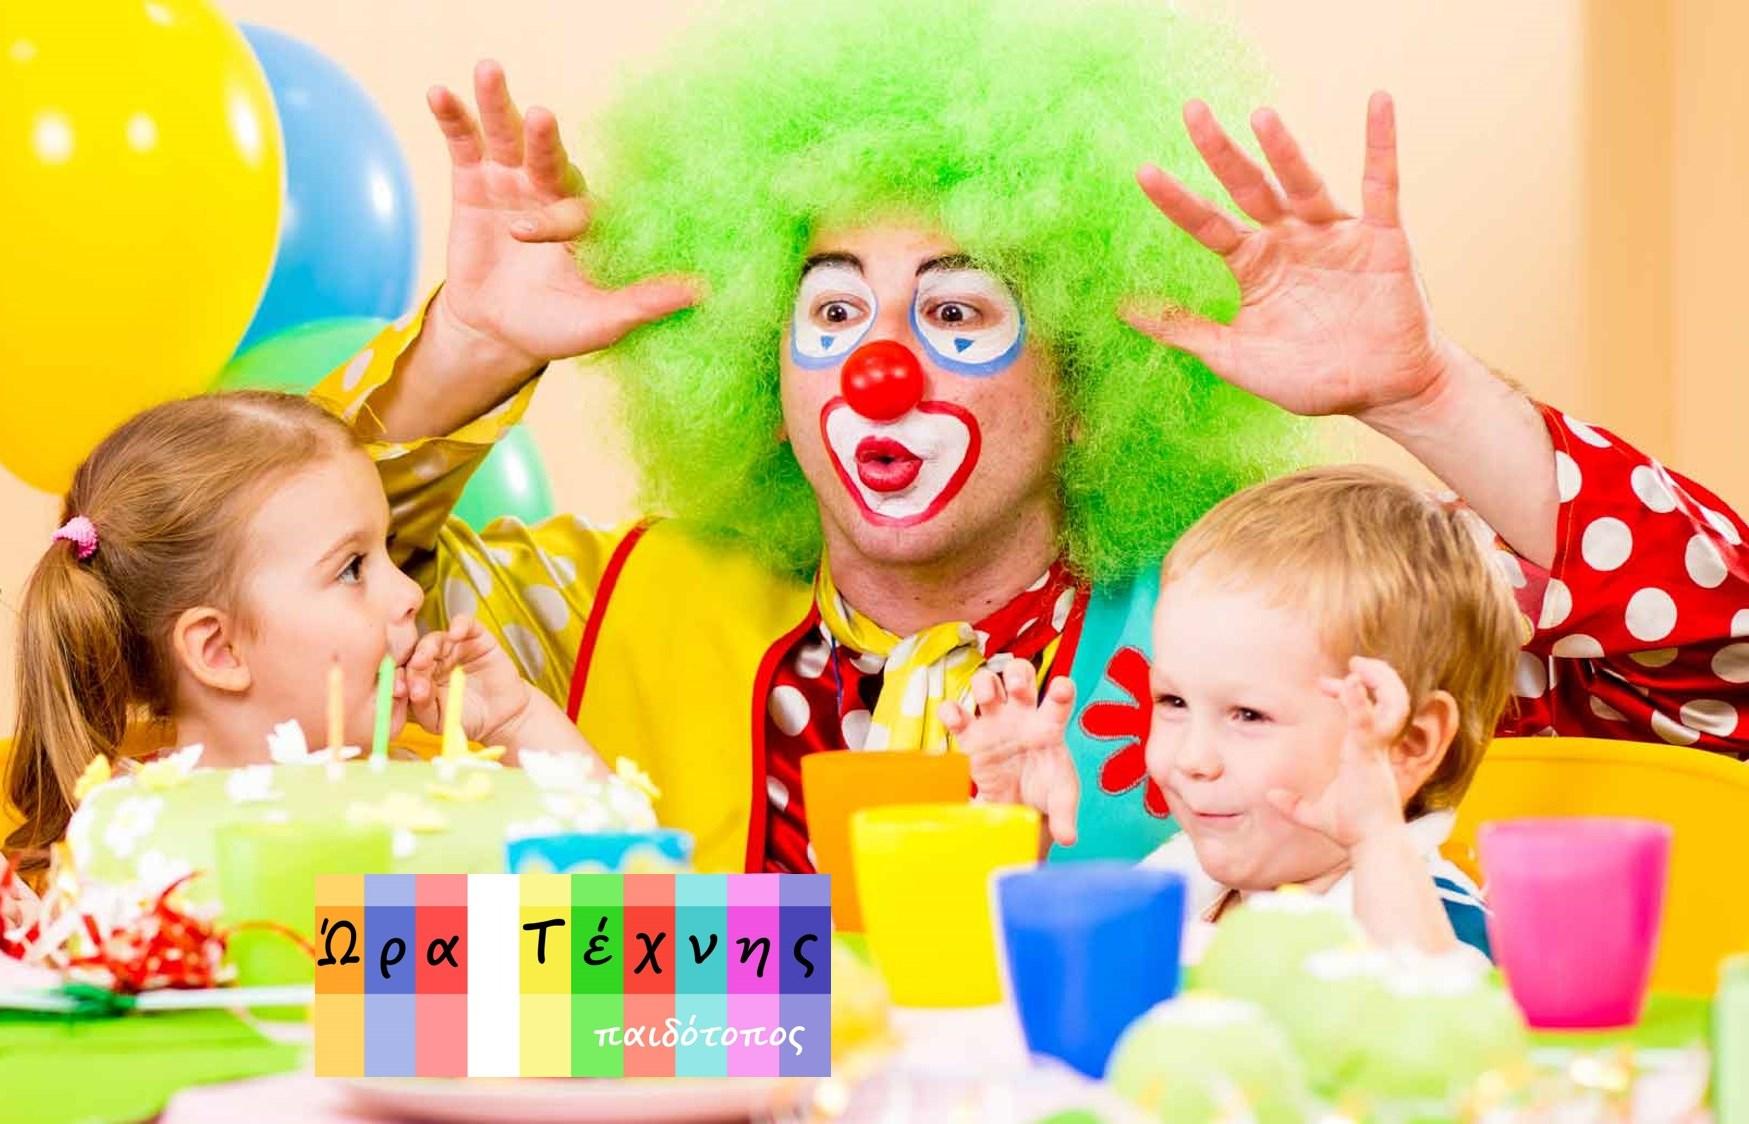 Από 120€ για Διοργάνωση Παιδικού Πάρτυ, με Φαγητό, Ομαδικά Παιχνίδια, Karaoke, Roller & Παιχνιδότοπο, στον δημιουργικό παιδότοπο ''Ώρα Τέχνης'' στον Άγ.Δημήτριο